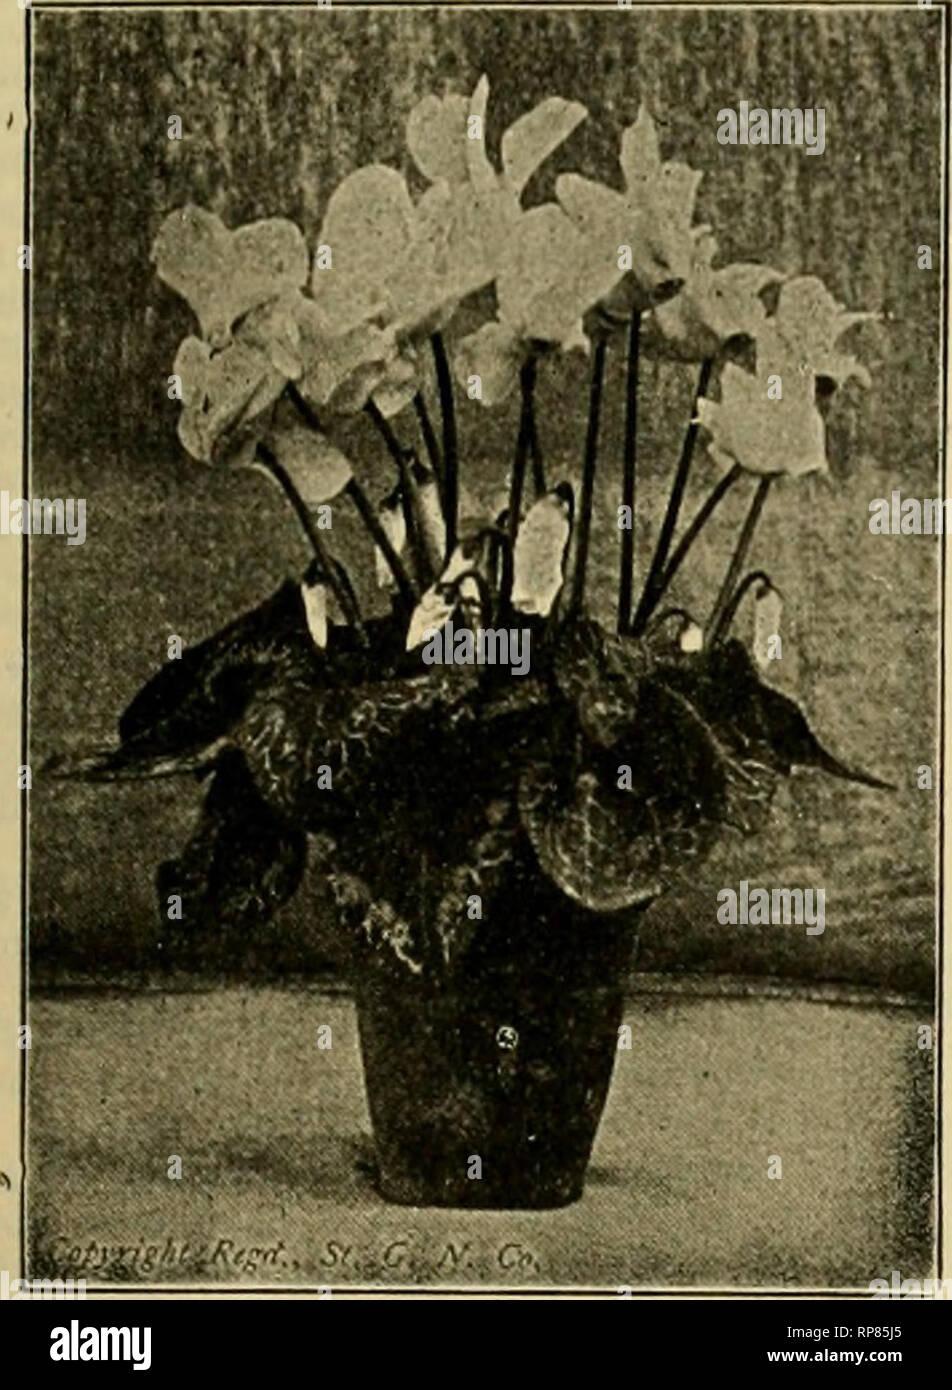 """. La fleuriste américain: un journal hebdomadaire pour le commerce. La floriculture; fleuristes. igog. L'American Fleuriste. 269. Des cultures de semences 1909 CYCLAMEN. Il suffit de regarder cette plante! Je son est un échantillon de nos plantes à graines, et qu'OnC an. Vous ne pouvez pas l'égalité de la souche d'ailleurs. Notre spécialité depuis 36 ans. Avez-vous essayé de """"notre propre"""" Saumon géant King, le meilleur saumon cultivé. Une attention personnelle accordée à la main la fertilisation de toutes les semences de fleurs. Nous sommes impatients de vous servir. Graine par oz. sur demande. Liste gratuitement. En sept couleurs distinctes comme sélectionné pour le marché. Conditions Paiement sur commande net. Photo Stock"""